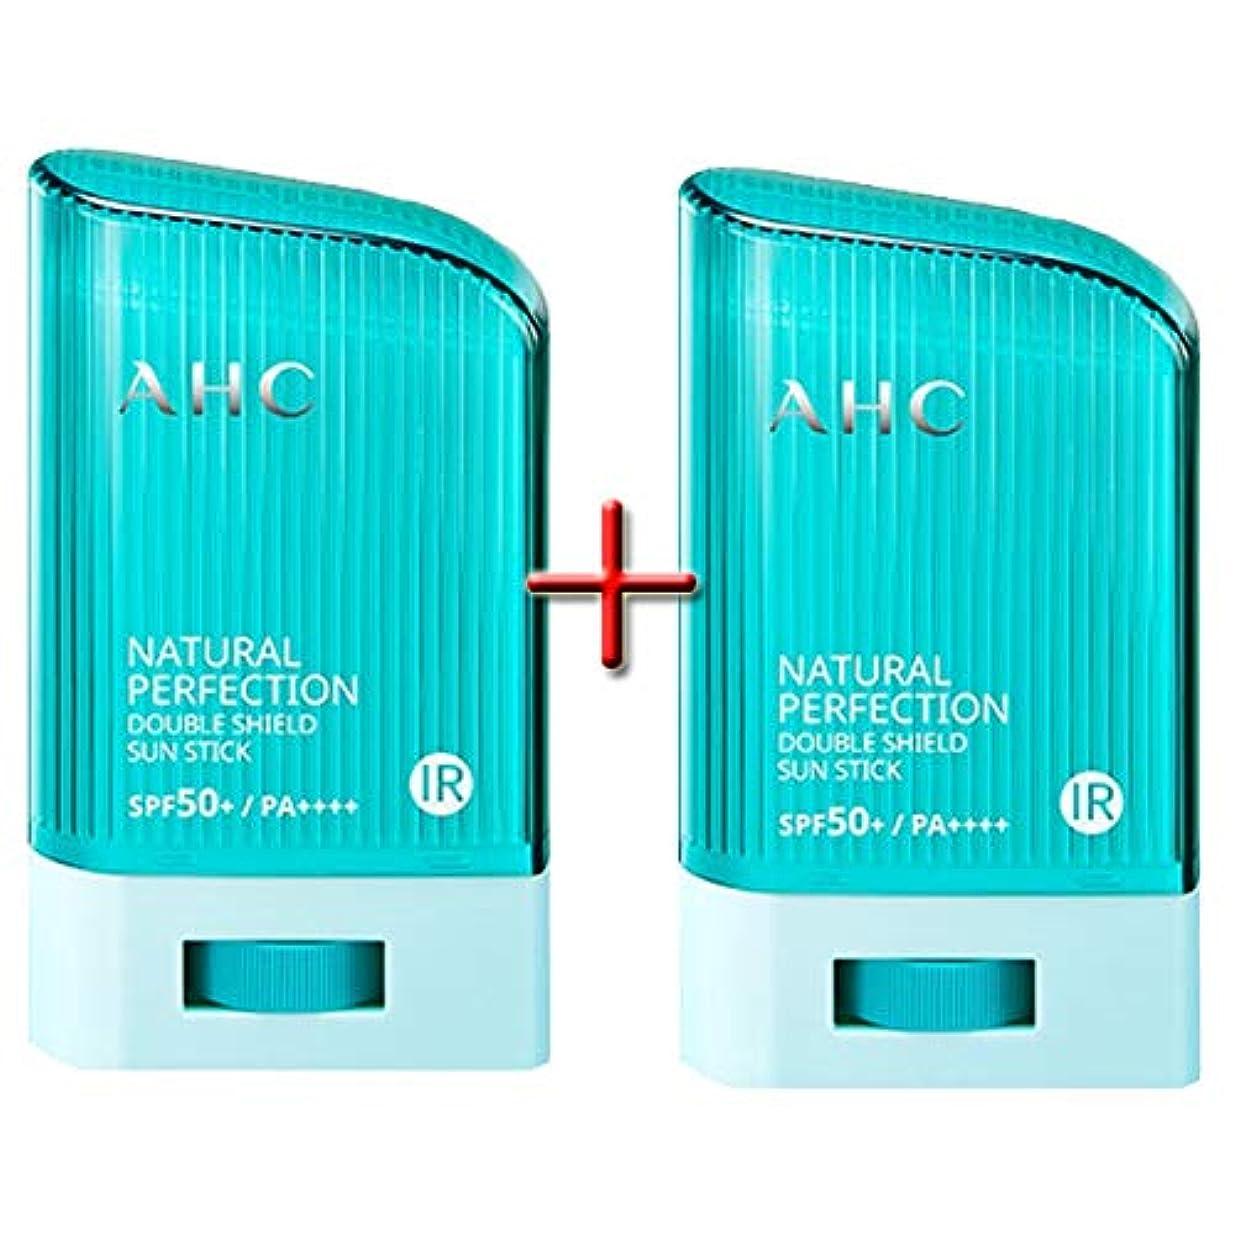 雑種環境セント[ 1+1 ] AHC ナチュラルパーフェクションダブルシールドサンスティック 22g, Natural Perfection Double Shield Sun Stick SPF50+ PA++++